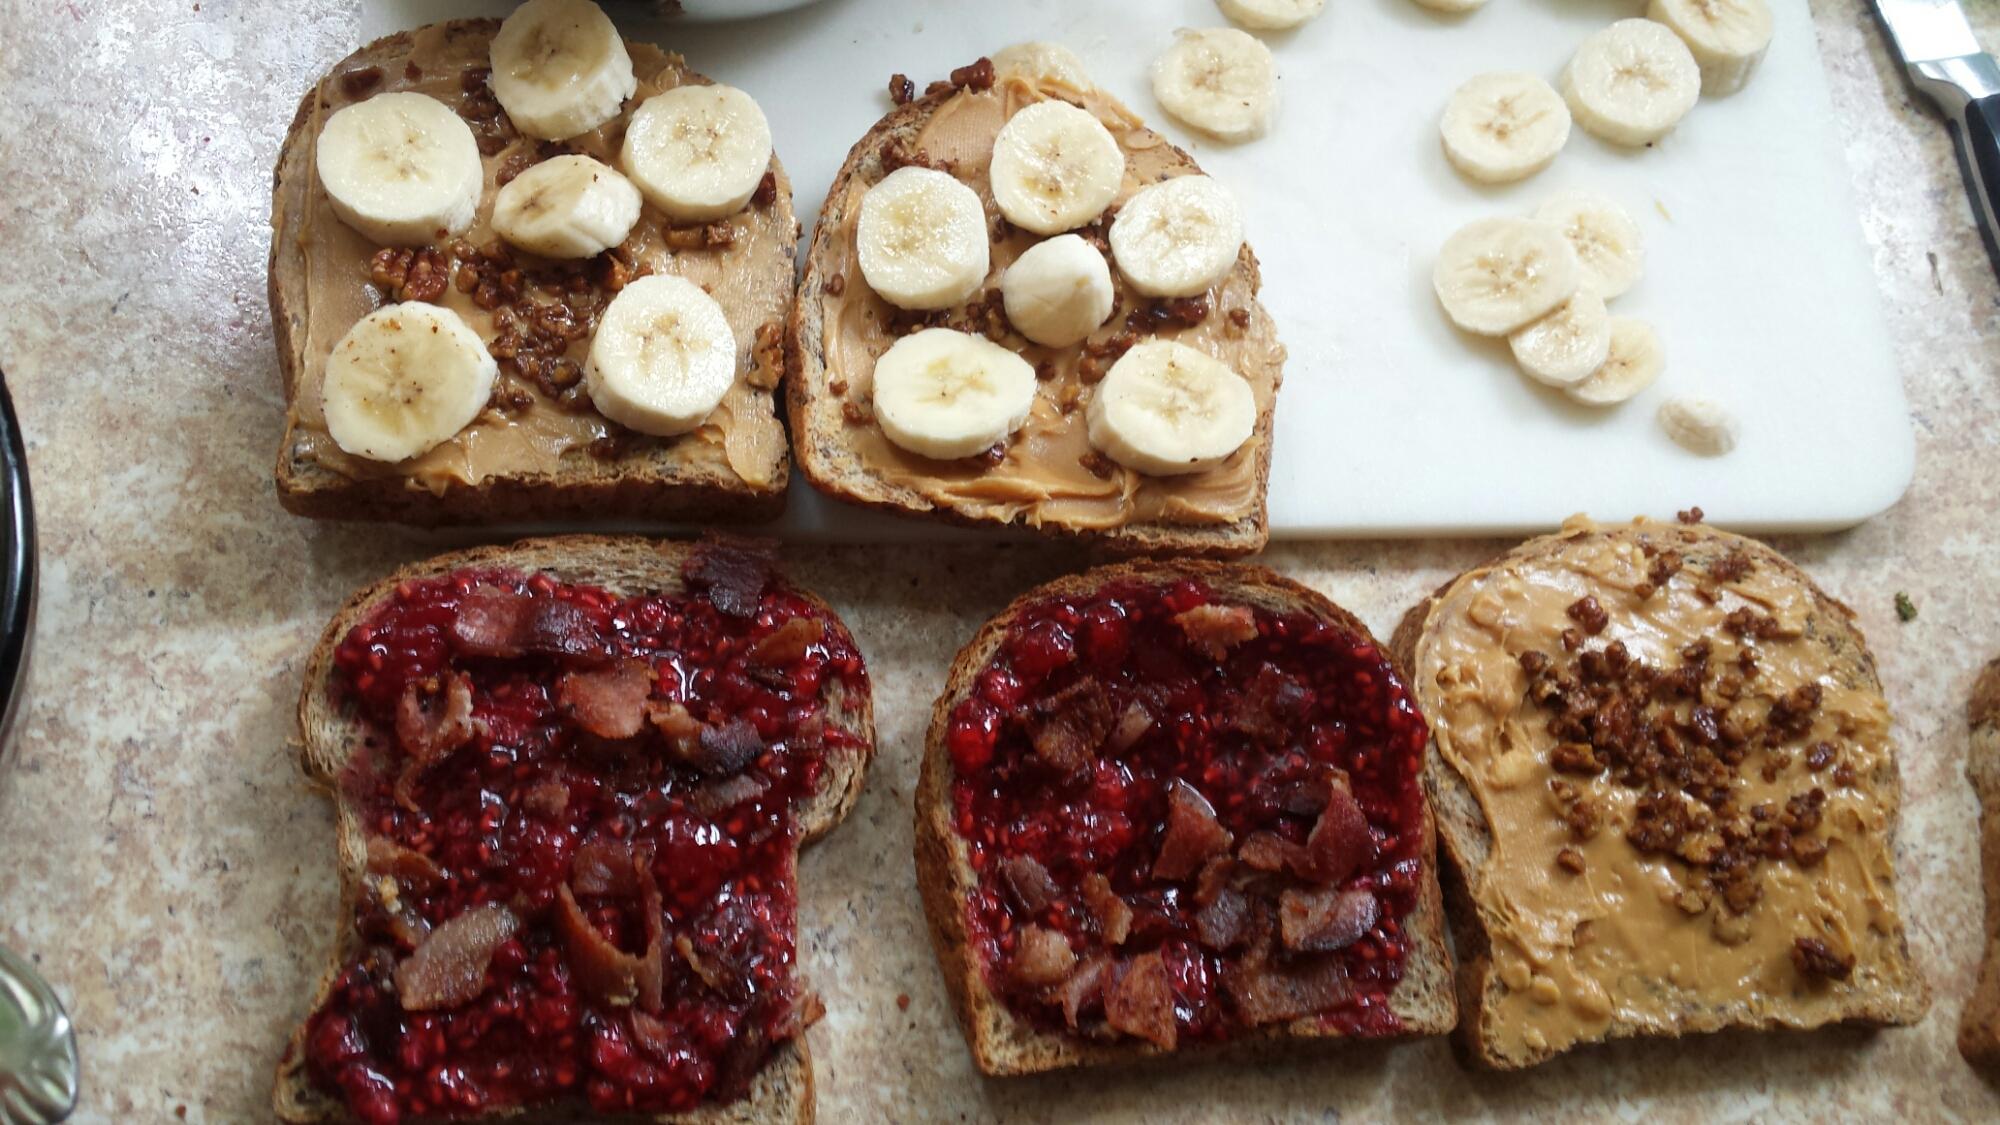 PB&J with bananas, fresh fruit and bacon